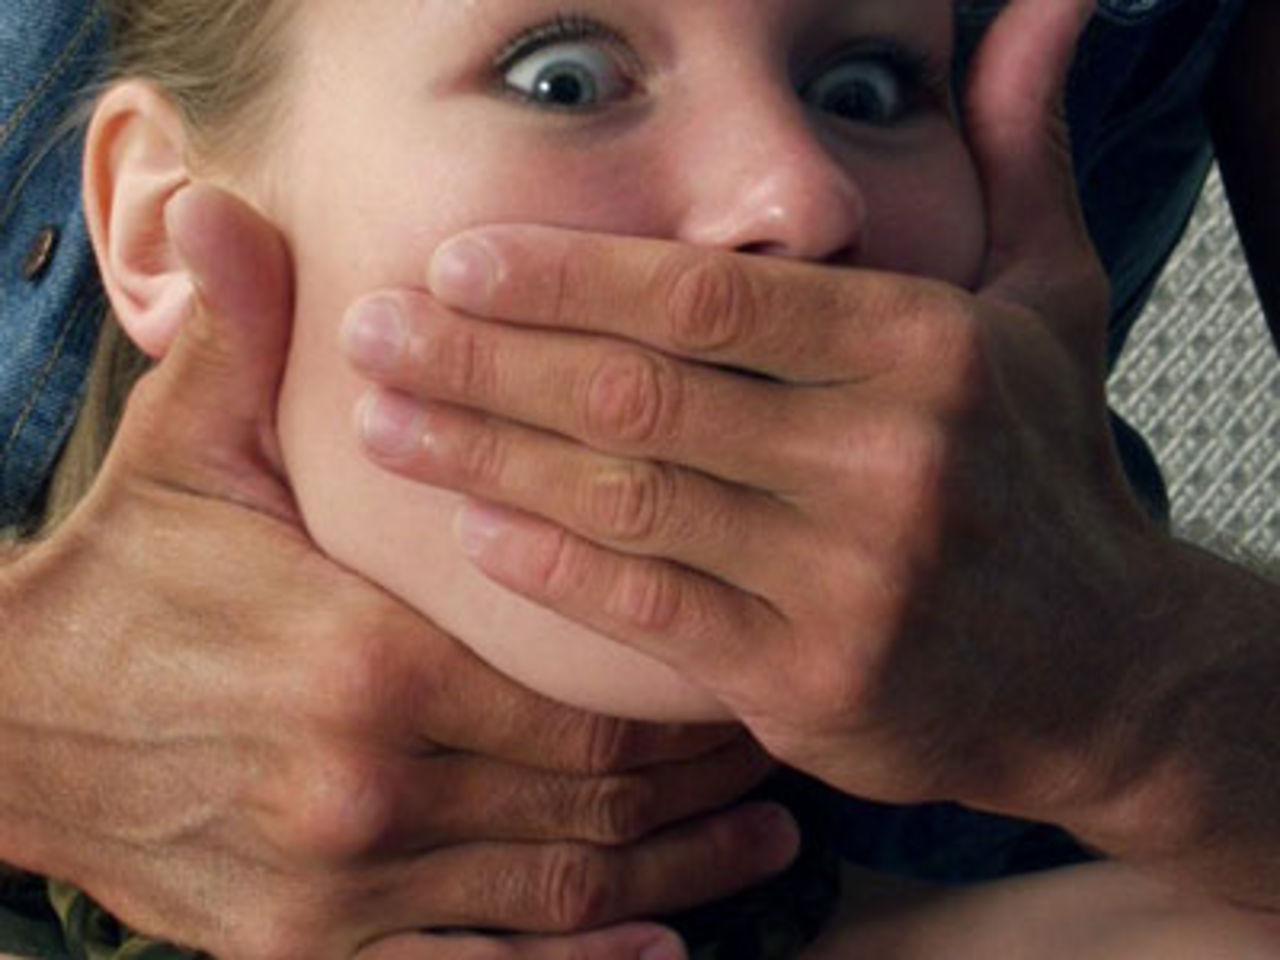 Родители, будьте чрезвычайно внимательны: педофил среди белого дня едва не изнасиловал двух малолетних девочек